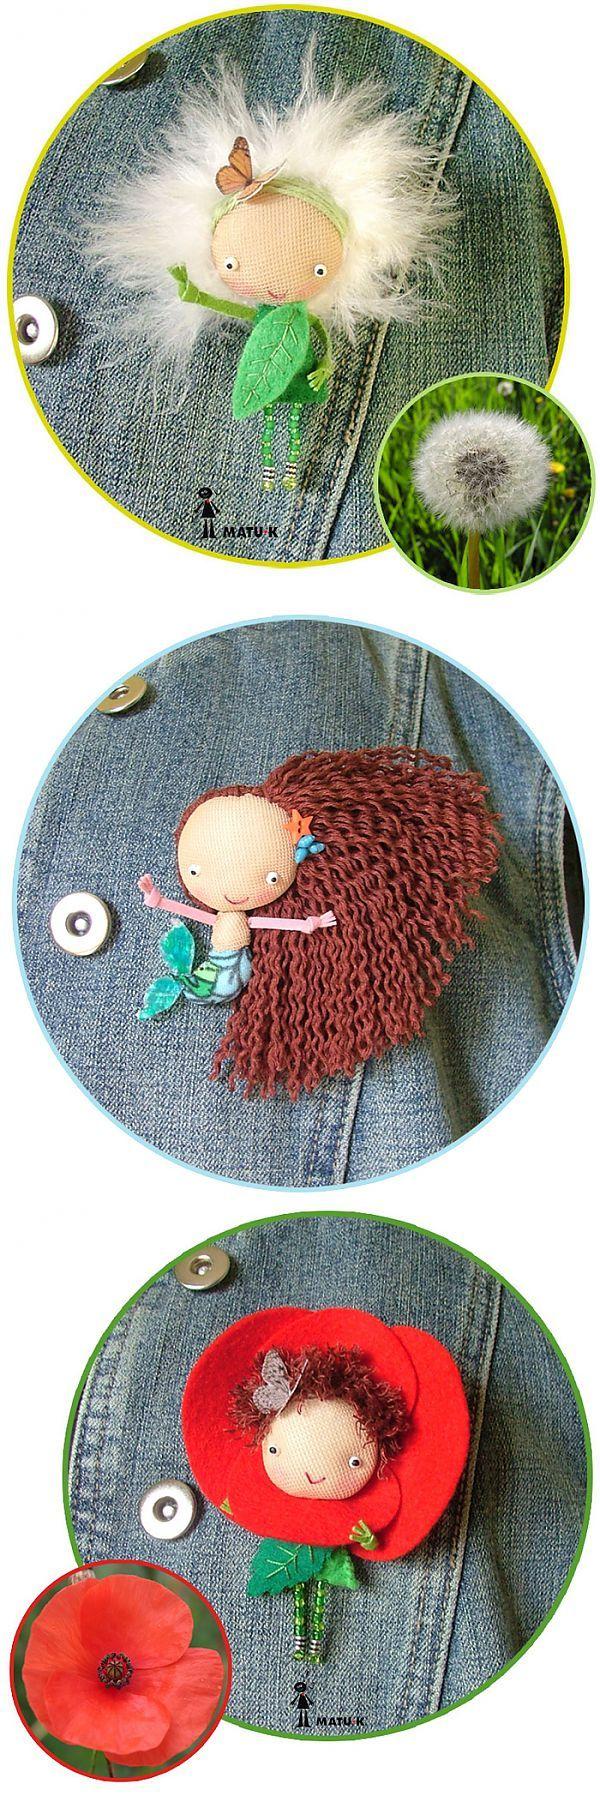 Забавные куколки-брошки испанской мастерицы matu-k.